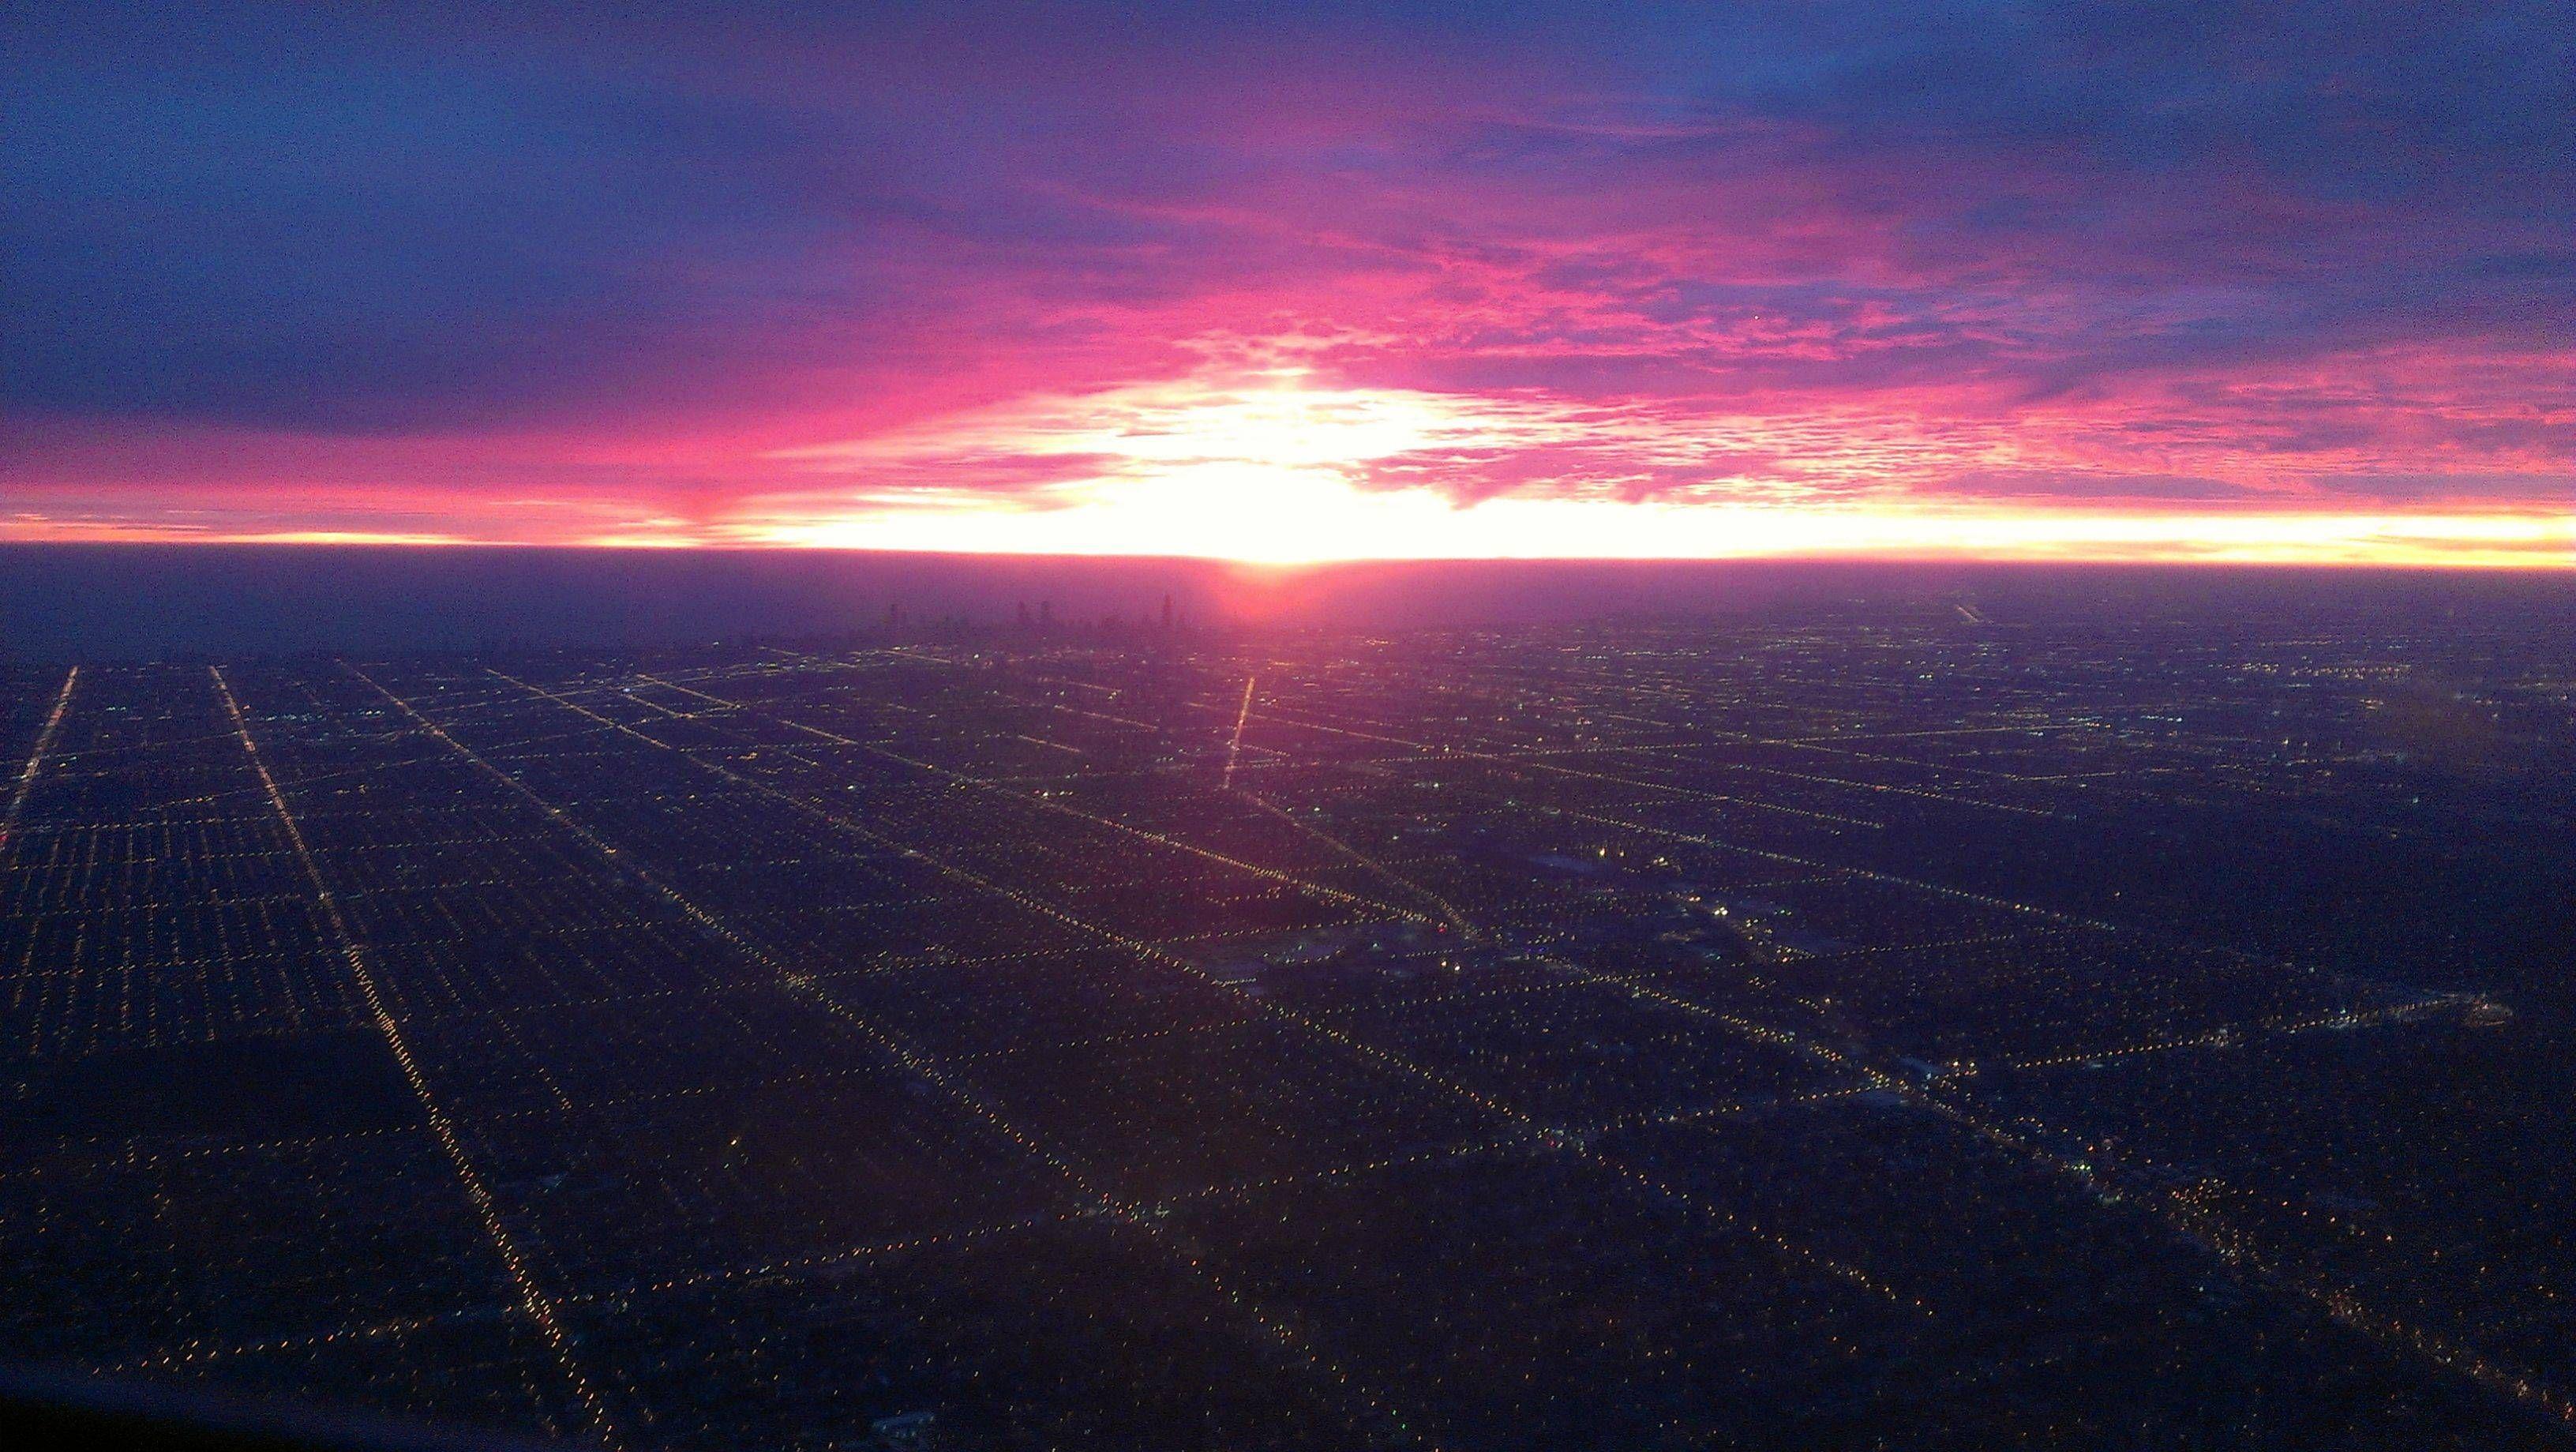 Cityscape Cityscape, Airplane view, Scape